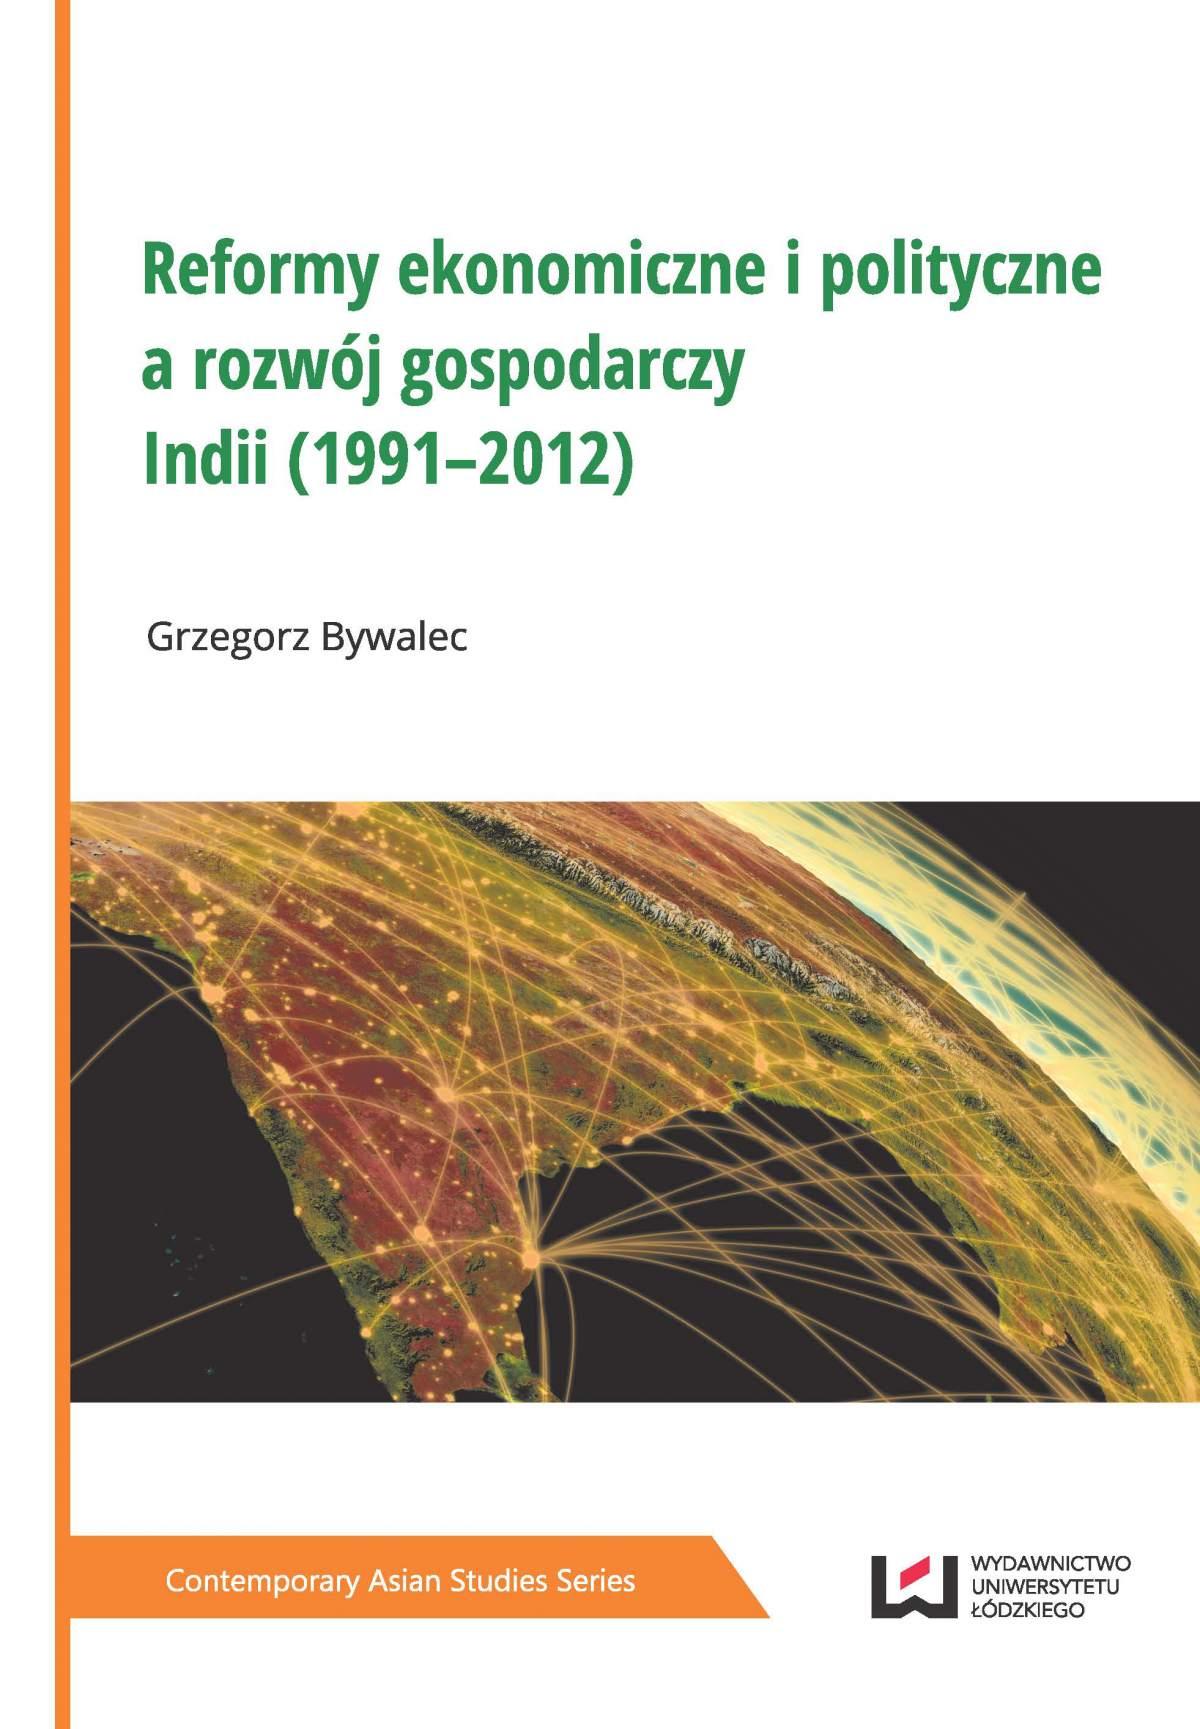 Reformy ekonomiczne i polityczne a rozwój gospodarczy Indii (1991–2012) - Ebook (Książka PDF) do pobrania w formacie PDF